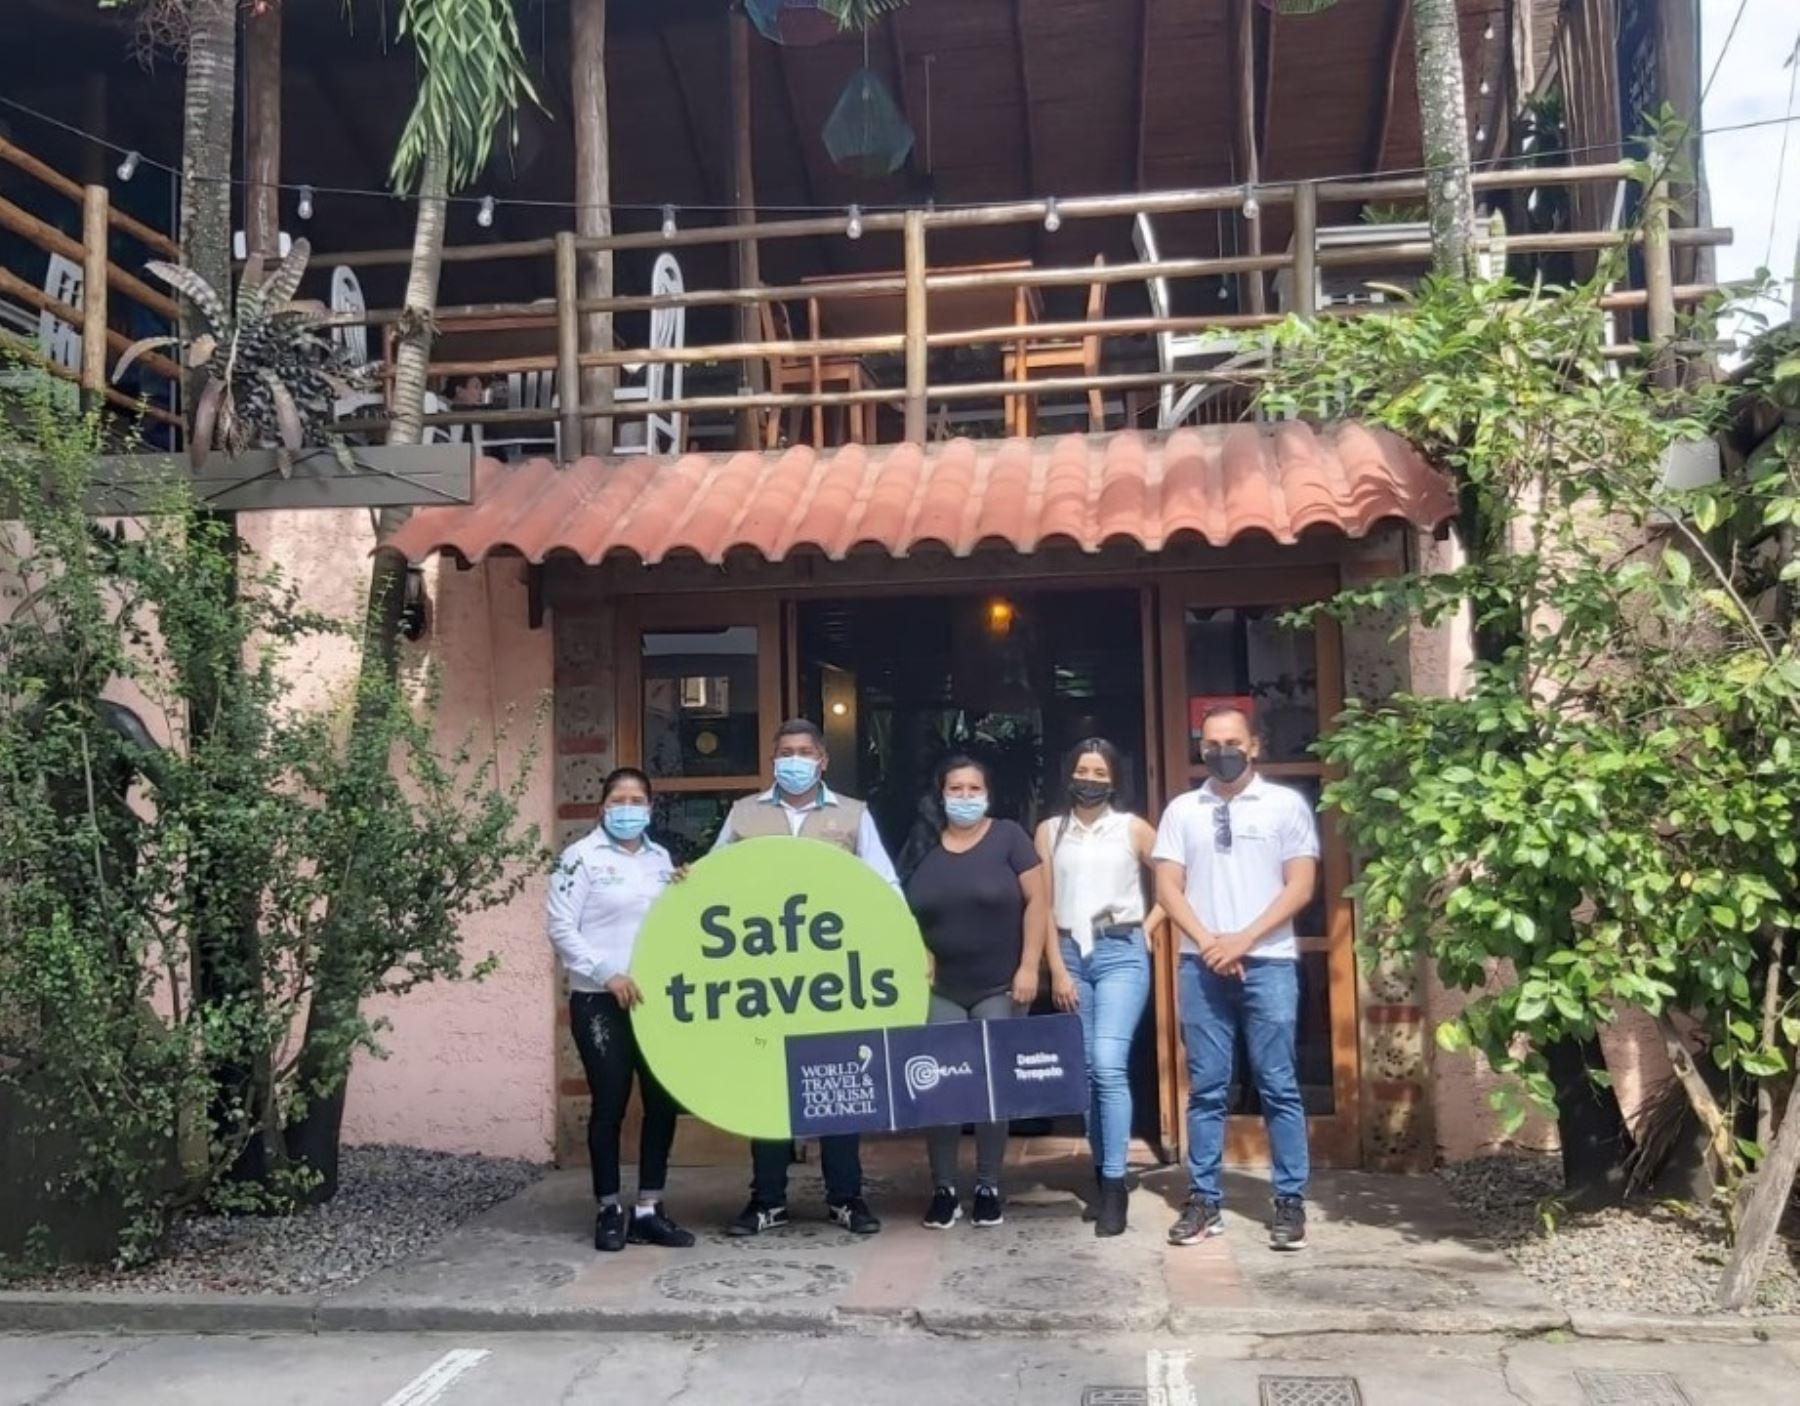 Diversos hoteles, restaurantes, agencias de viaje y otros negocios turísticos de Tarapoto, región San Martín, reciben el sello Safe Travels que los reconoce como destinos seguros ante la covid-19. ANDINA/Difusión